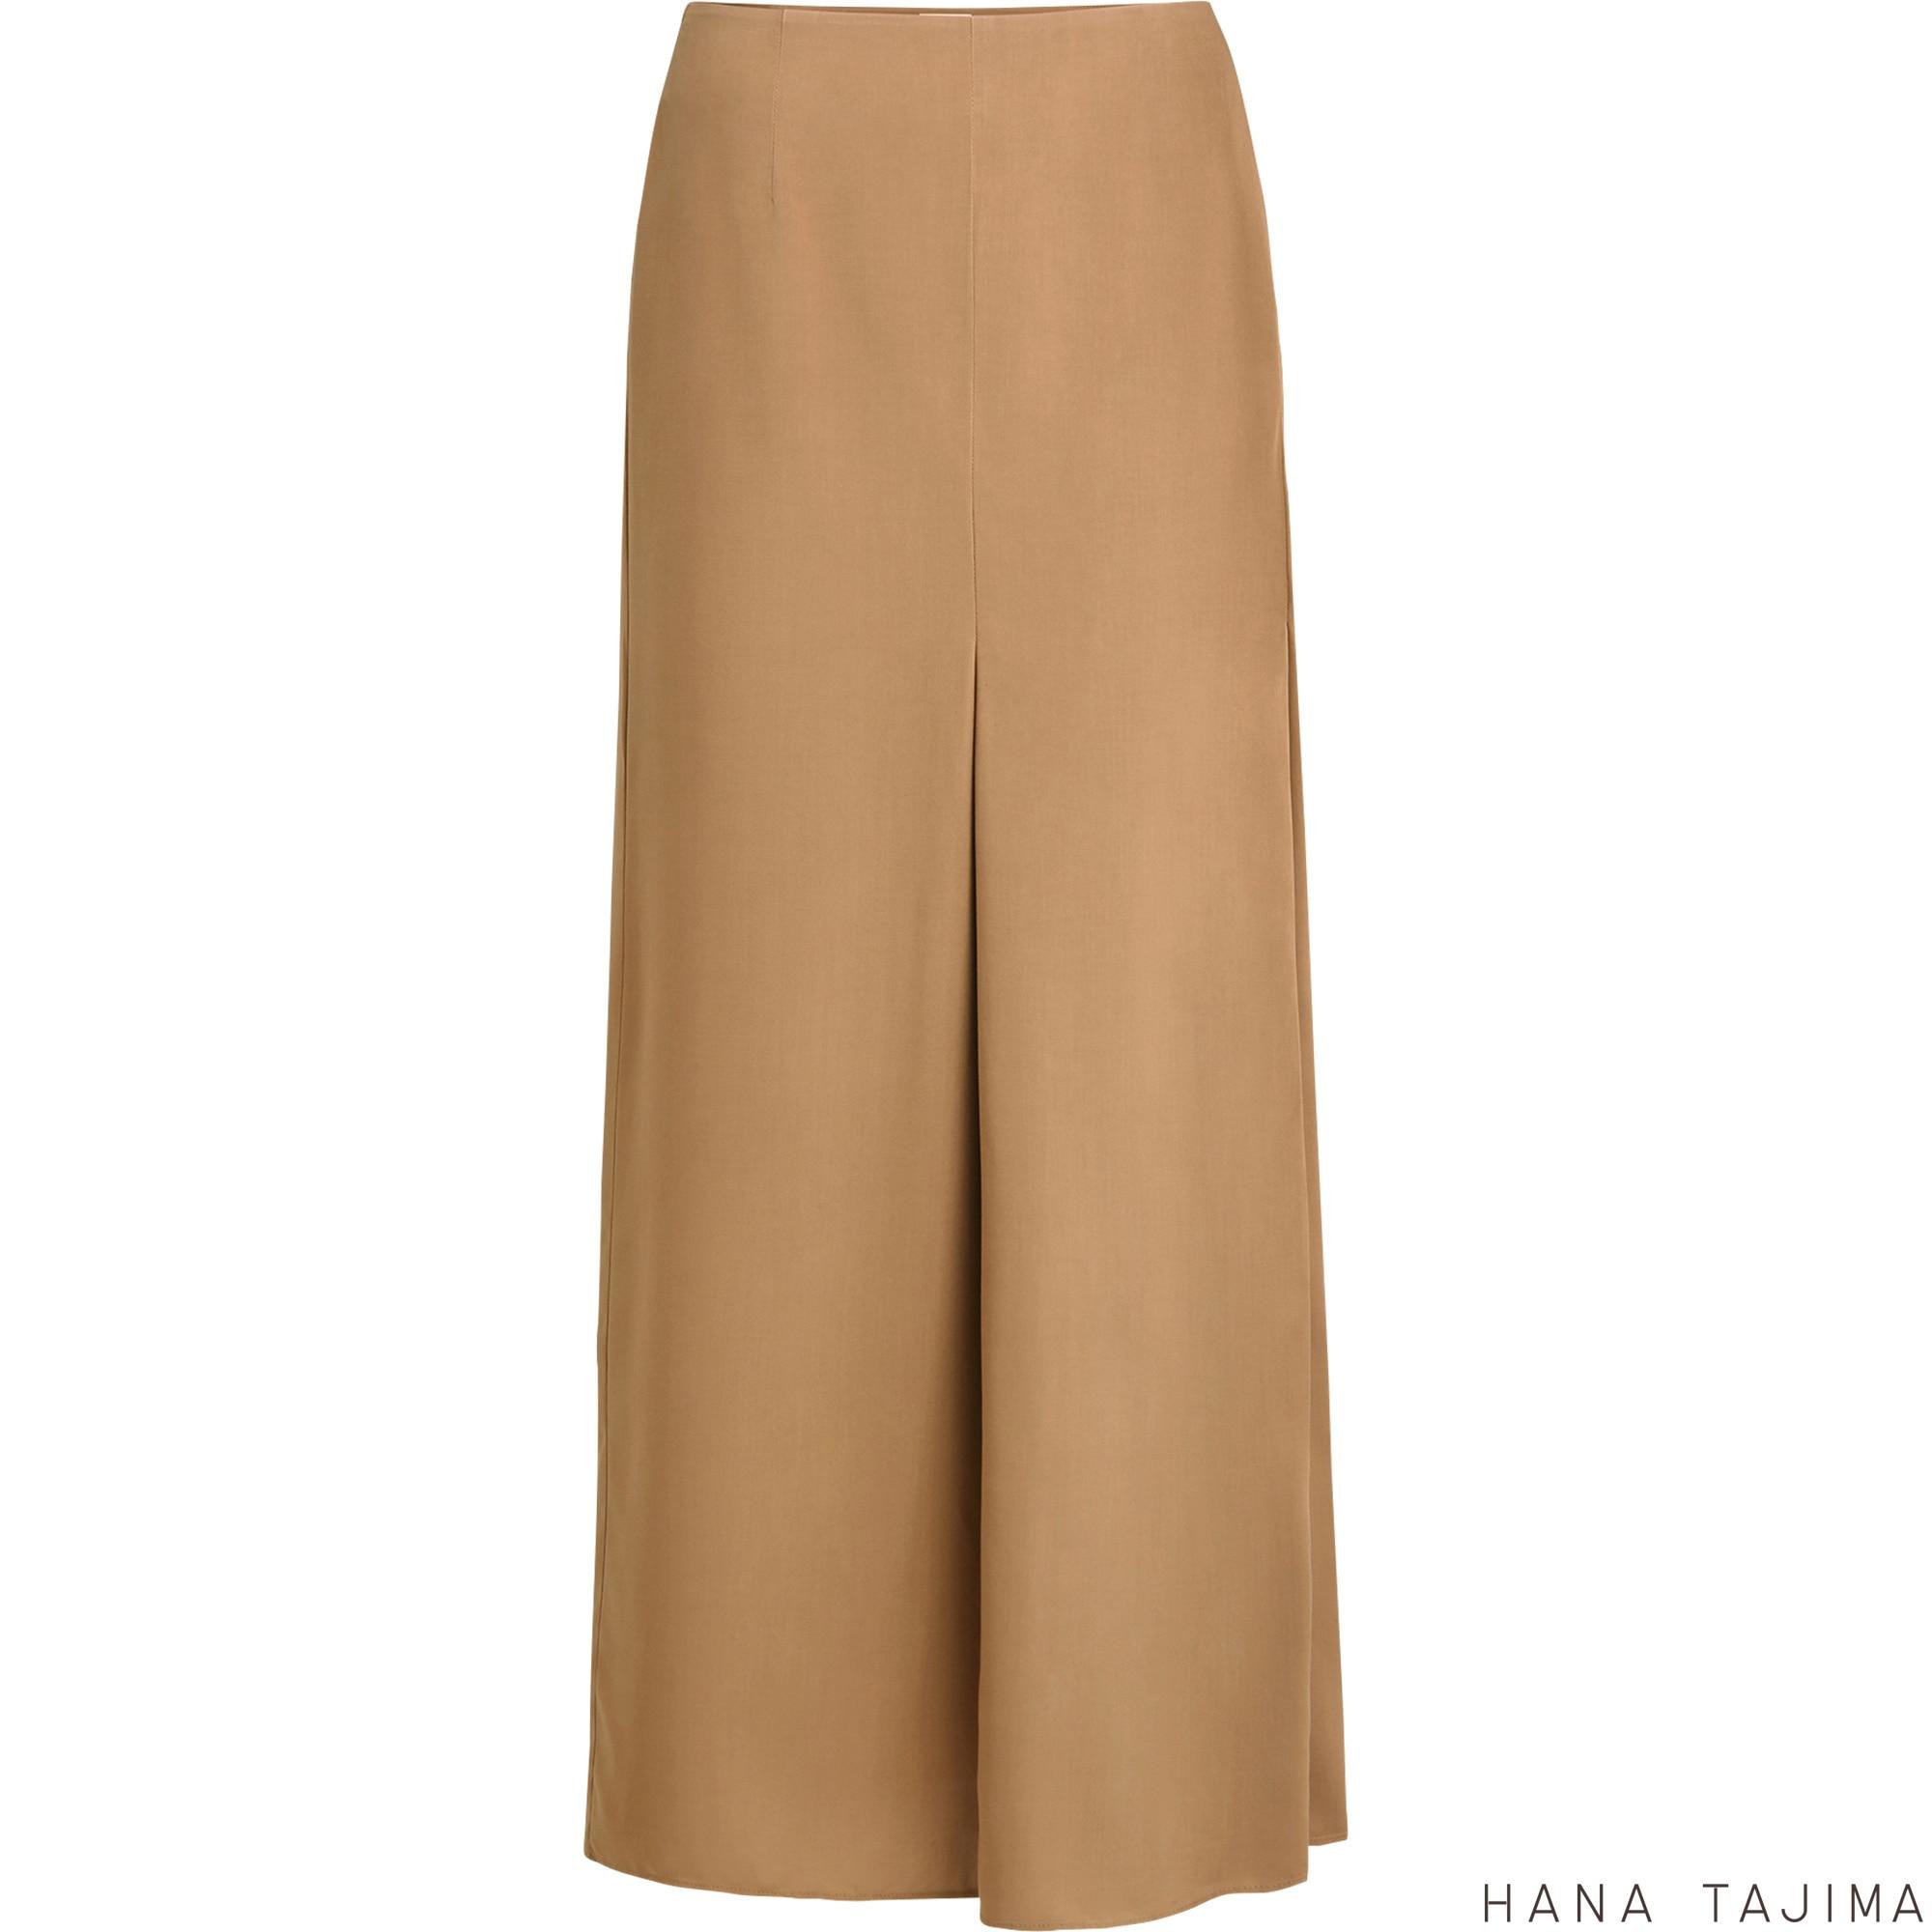 bdc579da4 Women Maxi Skirt | UNIQLO US